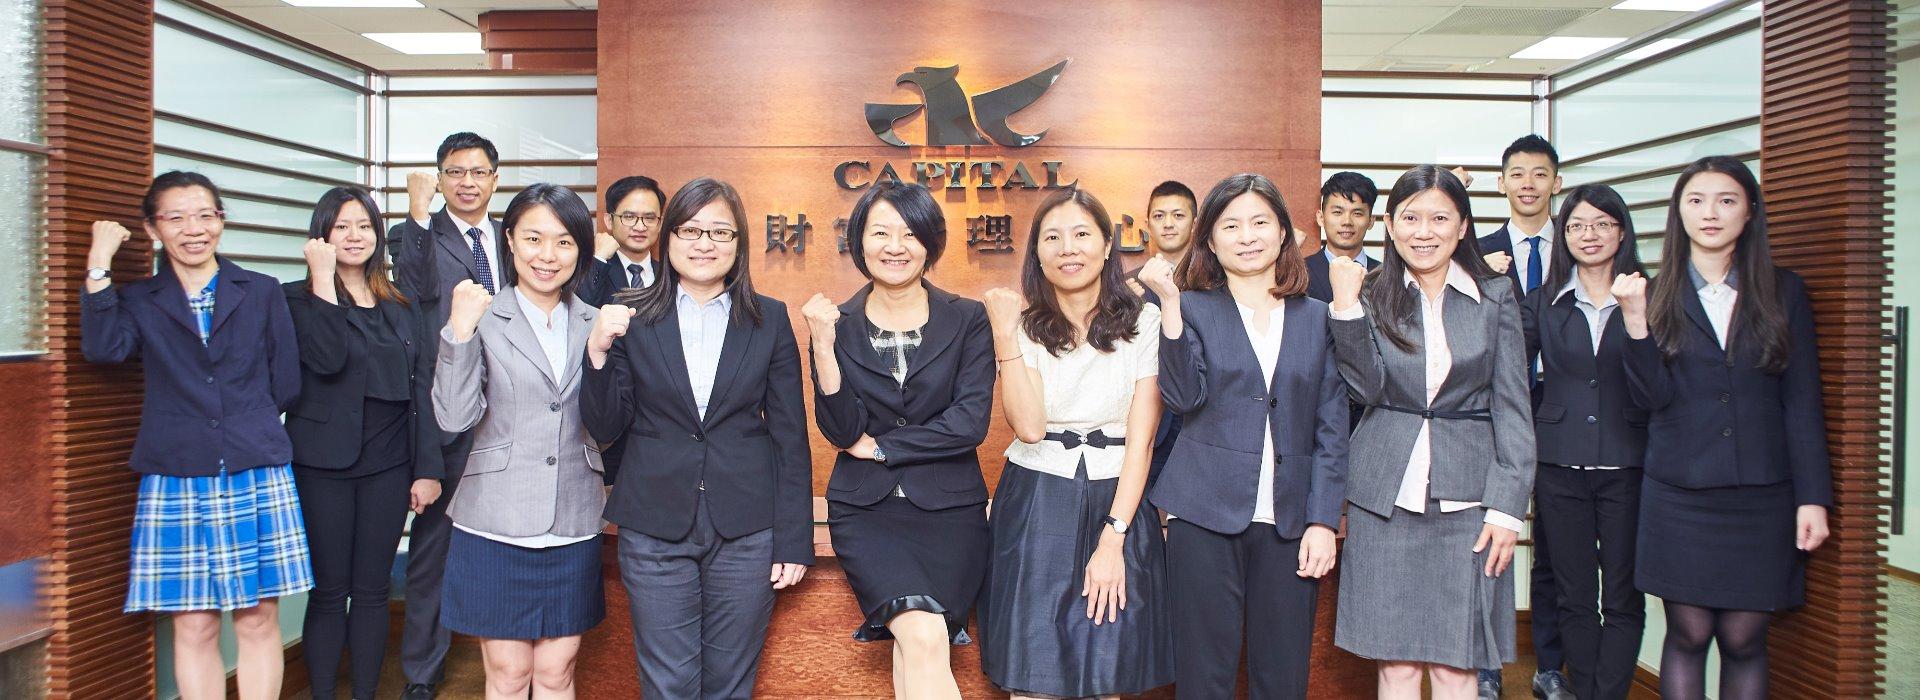 群益金鼎證券  財富管理堅持專業守護資產